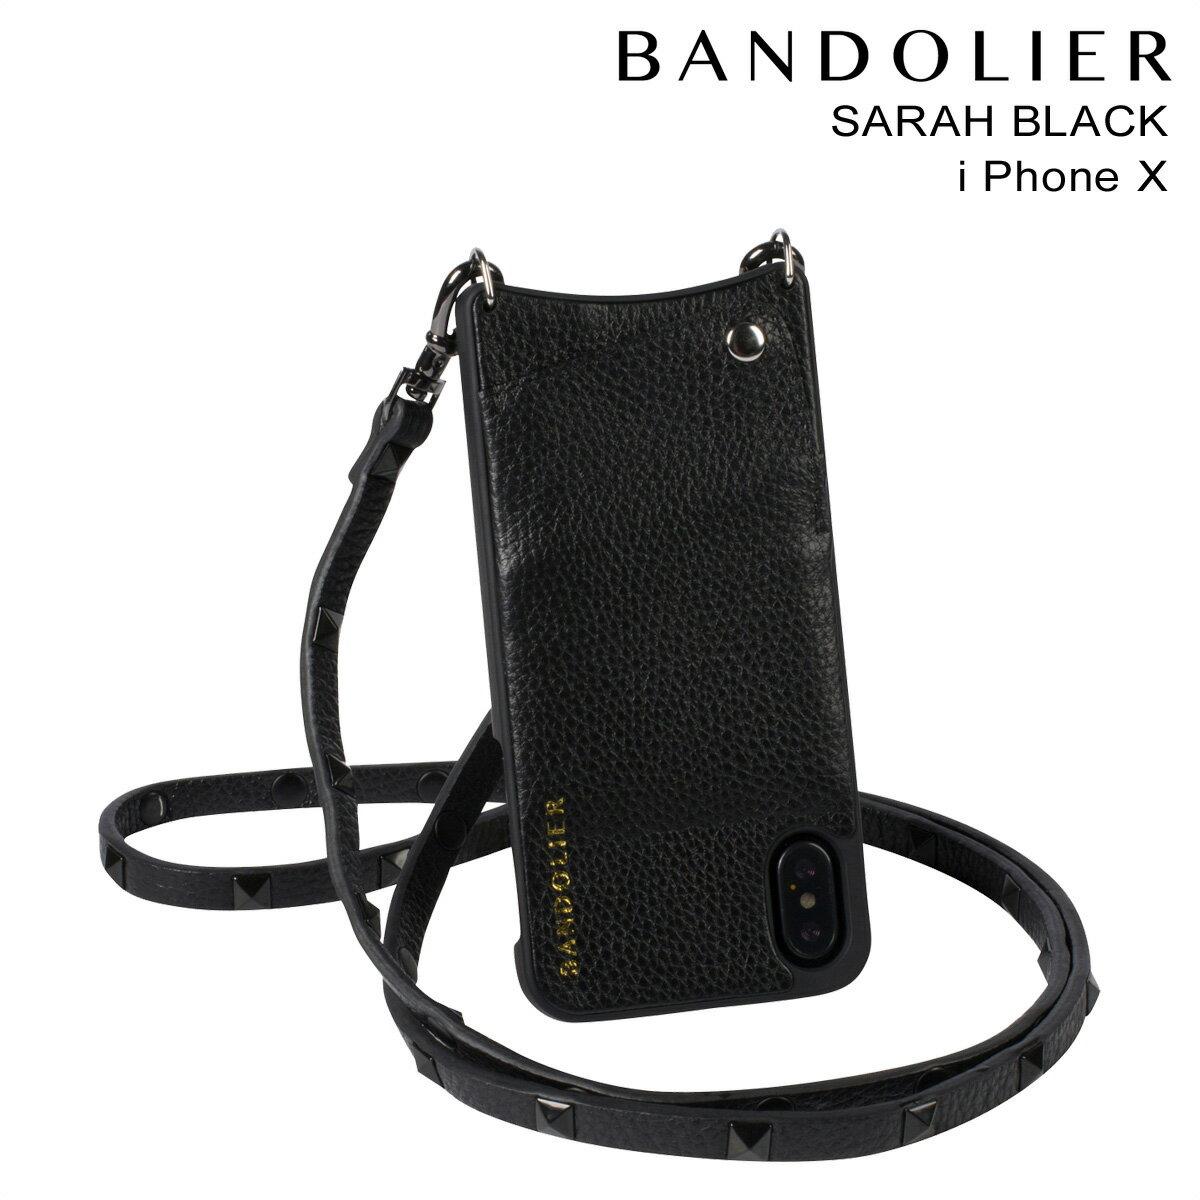 バンドリヤー BANDOLIER iPhoneX ケース スマホ アイフォン SARAH BLACK レザー メンズ レディース [予約商品 11/15頃入荷予定 新入荷]